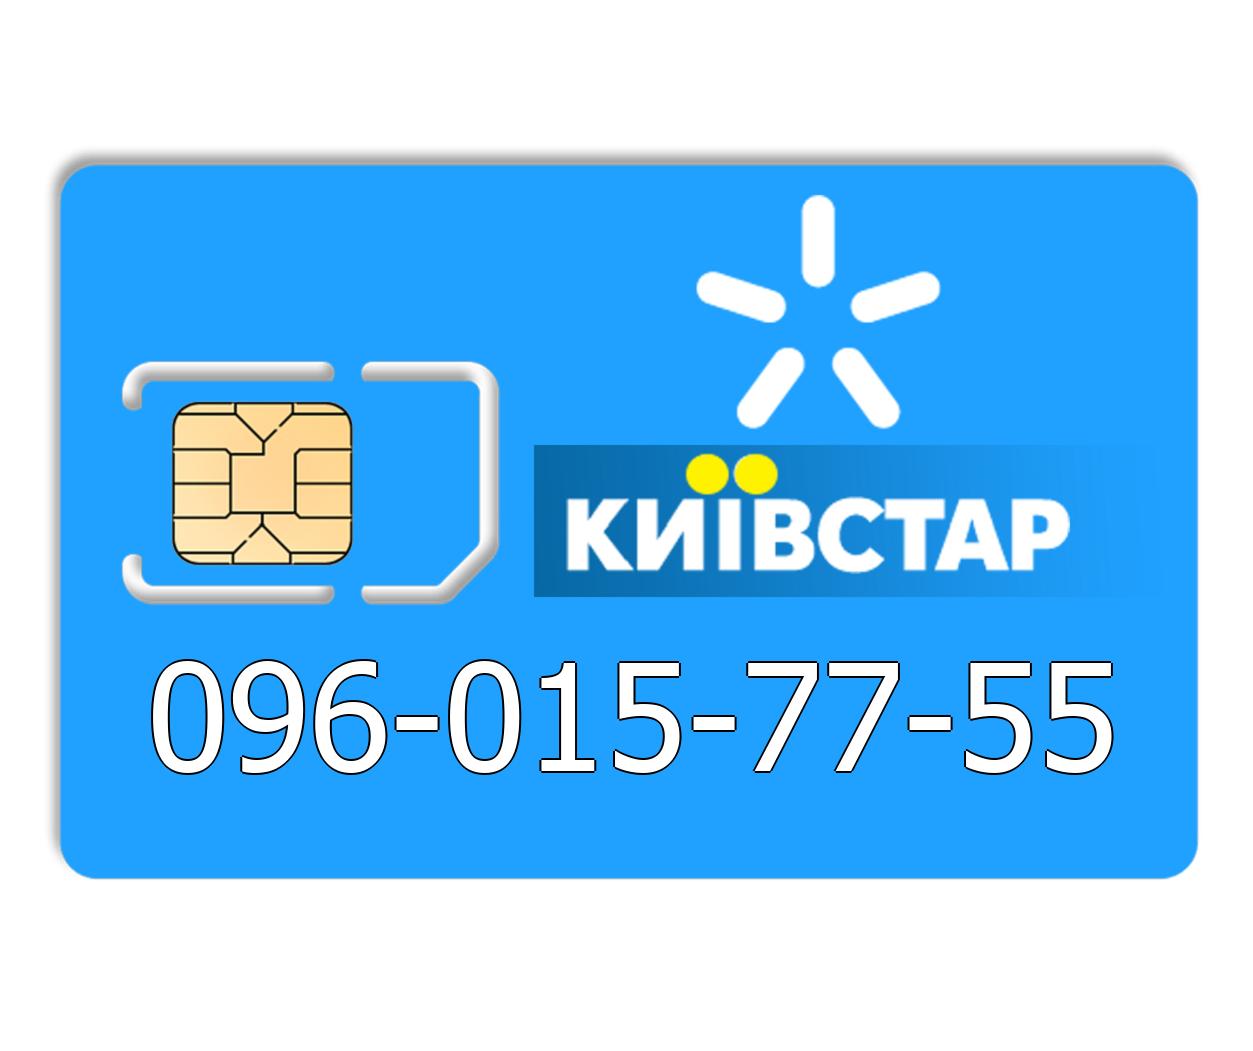 Красивый номер Киевстар 096-015-77-55